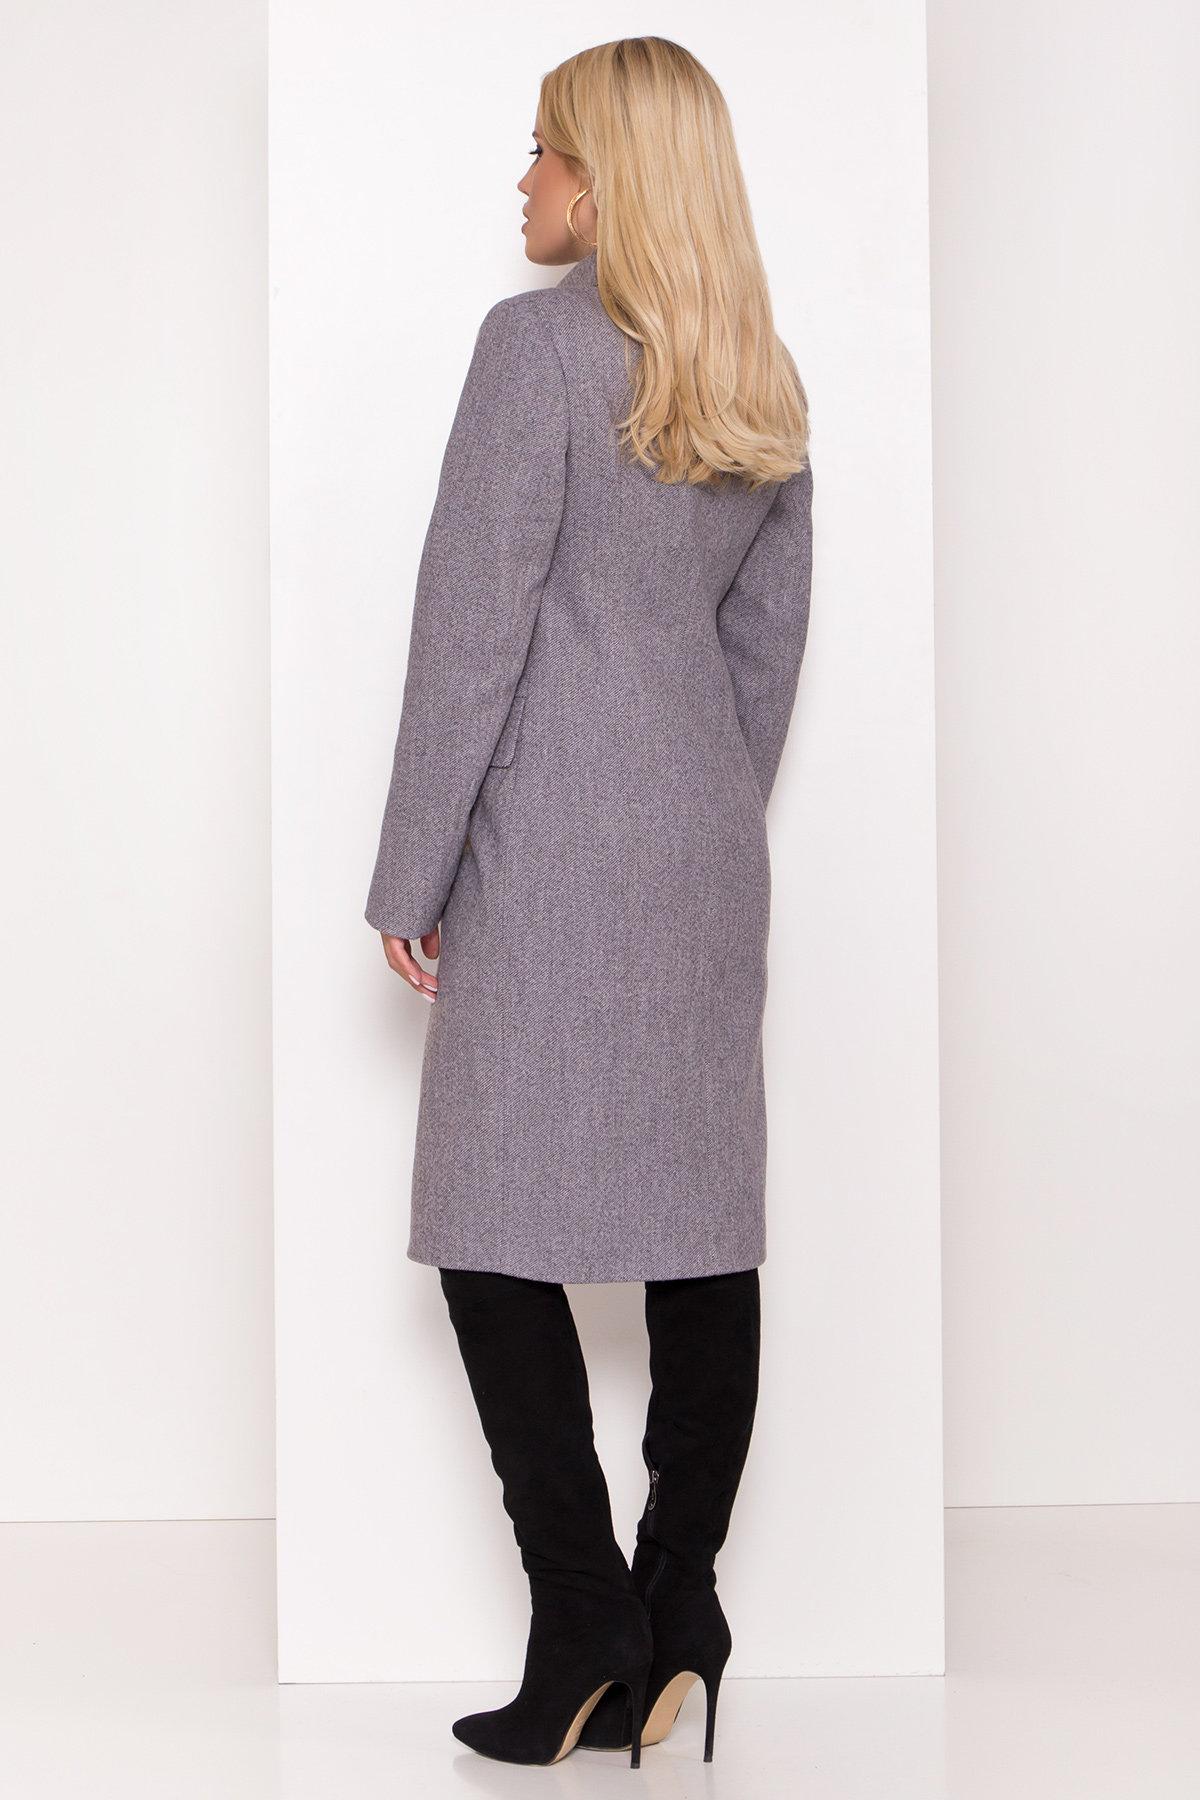 Полуприталенное зимнее пальто с отложным воротником Лабио 8182 АРТ. 44189 Цвет: Серый 2 - фото 5, интернет магазин tm-modus.ru